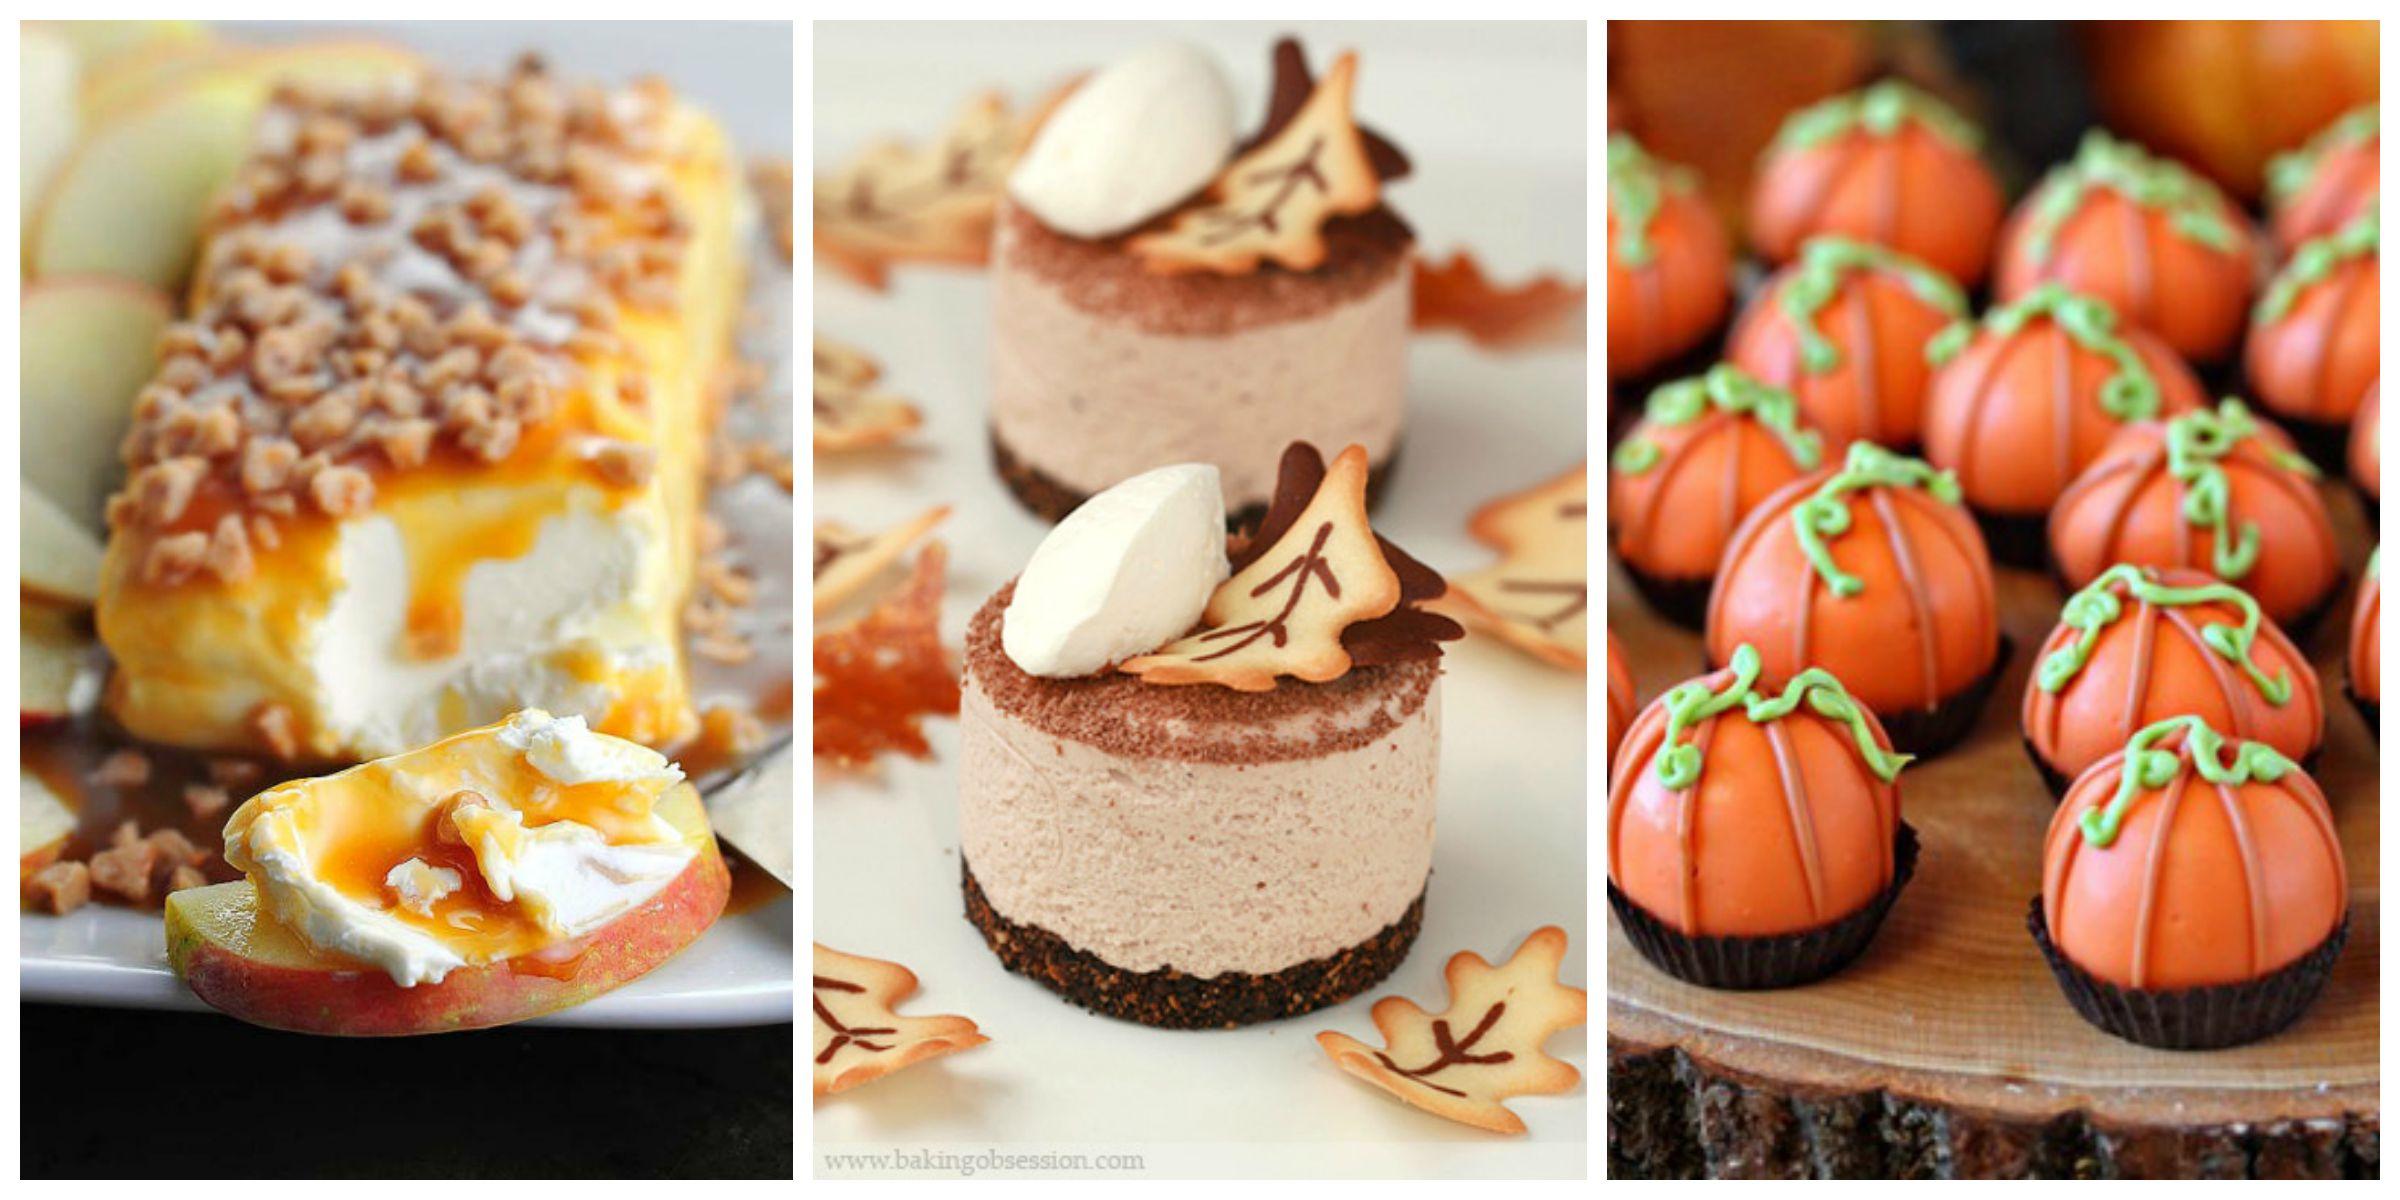 35 Easy Fall Dessert Recipes